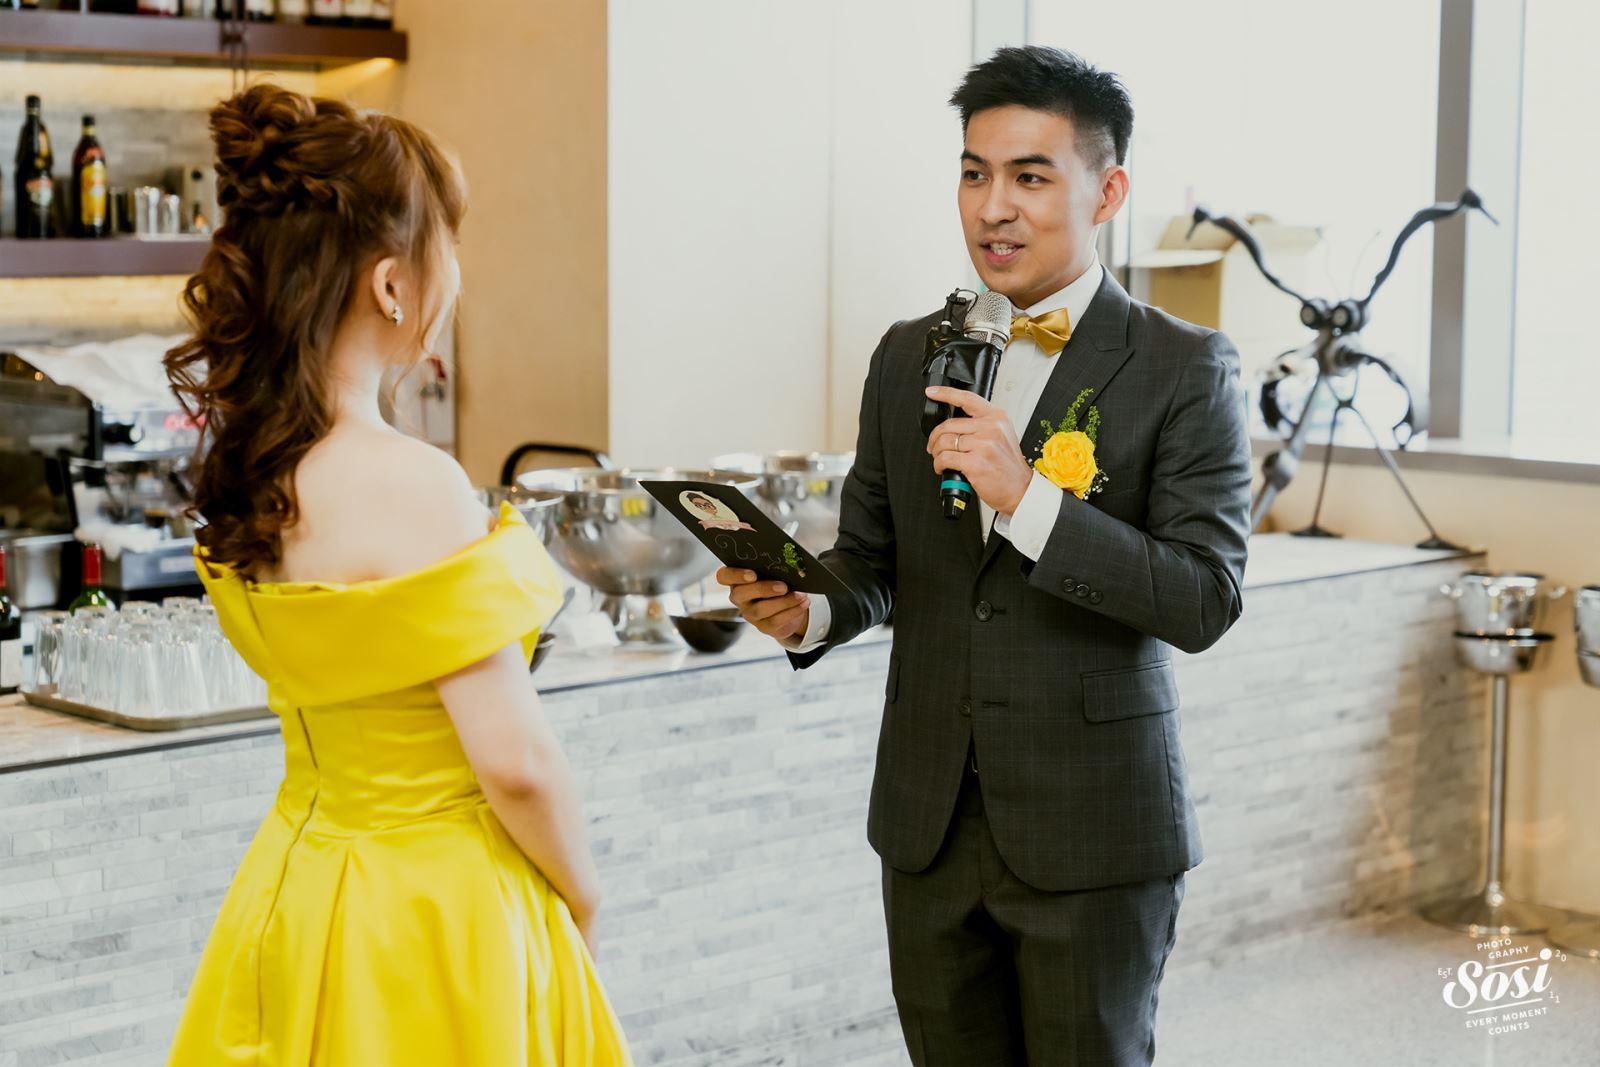 婚禮上的交換誓言